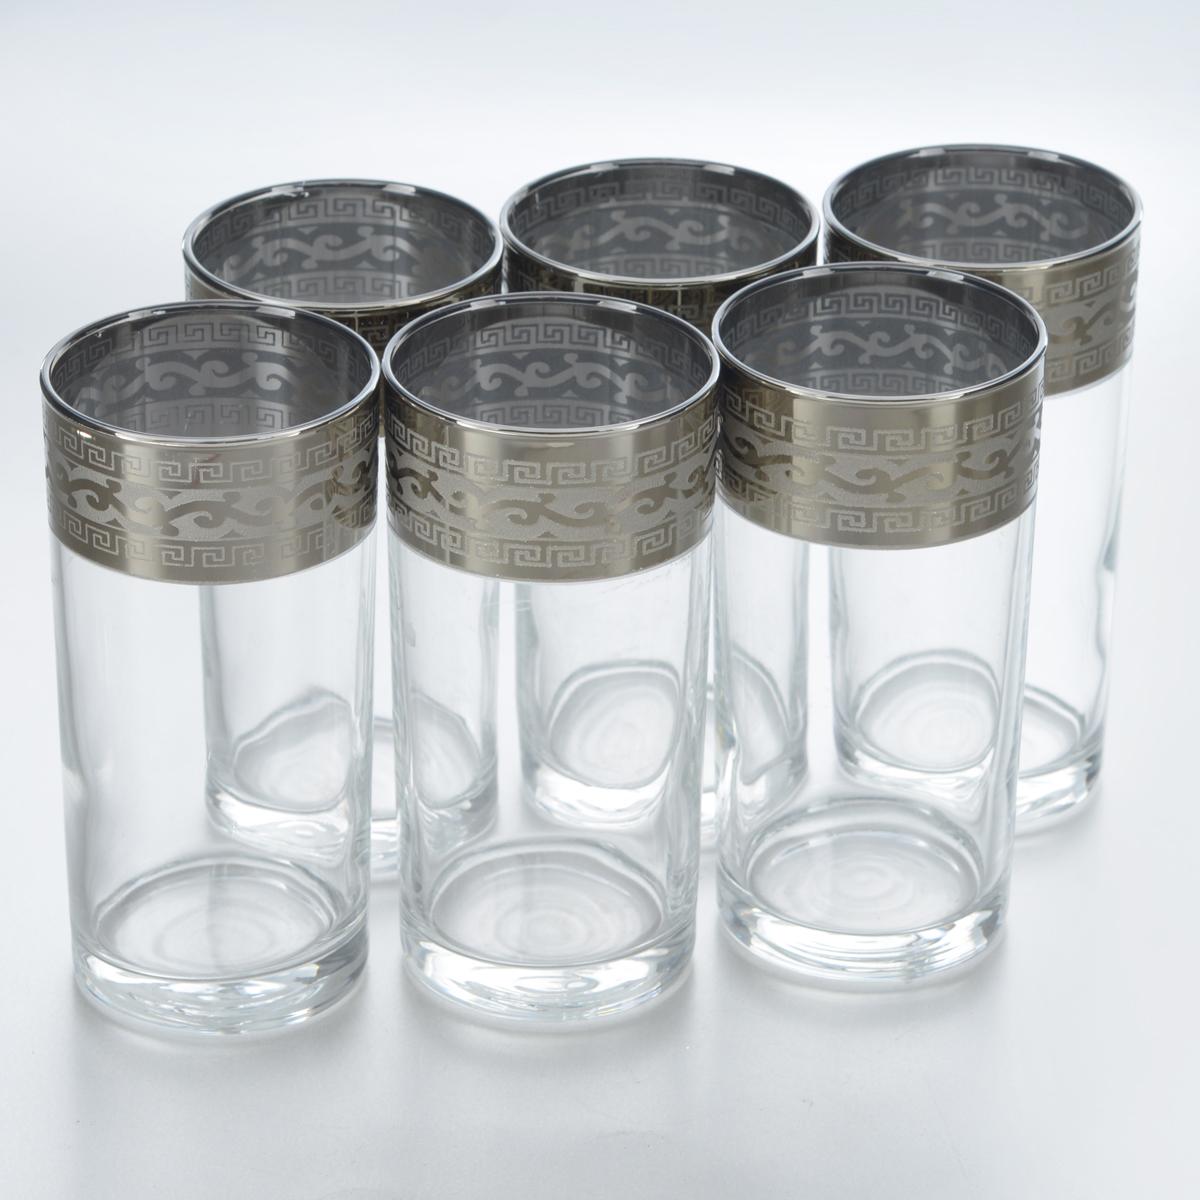 Набор стаканов для коктейлей Гусь-Хрустальный Версаче, 290 мл, 6 штVT-1520(SR)Набор Гусь-Хрустальный Версаче состоит из 6 высоких стаканов, изготовленных из высококачественного натрий-кальций-силикатного стекла. Изделия оформлены красивым зеркальным покрытием и широкой окантовкой с оригинальным узором. Стаканы предназначены для подачи коктейлей, а также воды и сока. Такой набор прекрасно дополнит праздничный стол и станет желанным подарком в любом доме. Разрешается мыть в посудомоечной машине. Диаметр стакана (по верхнему краю): 6 см. Высота стакана: 12,8 см.